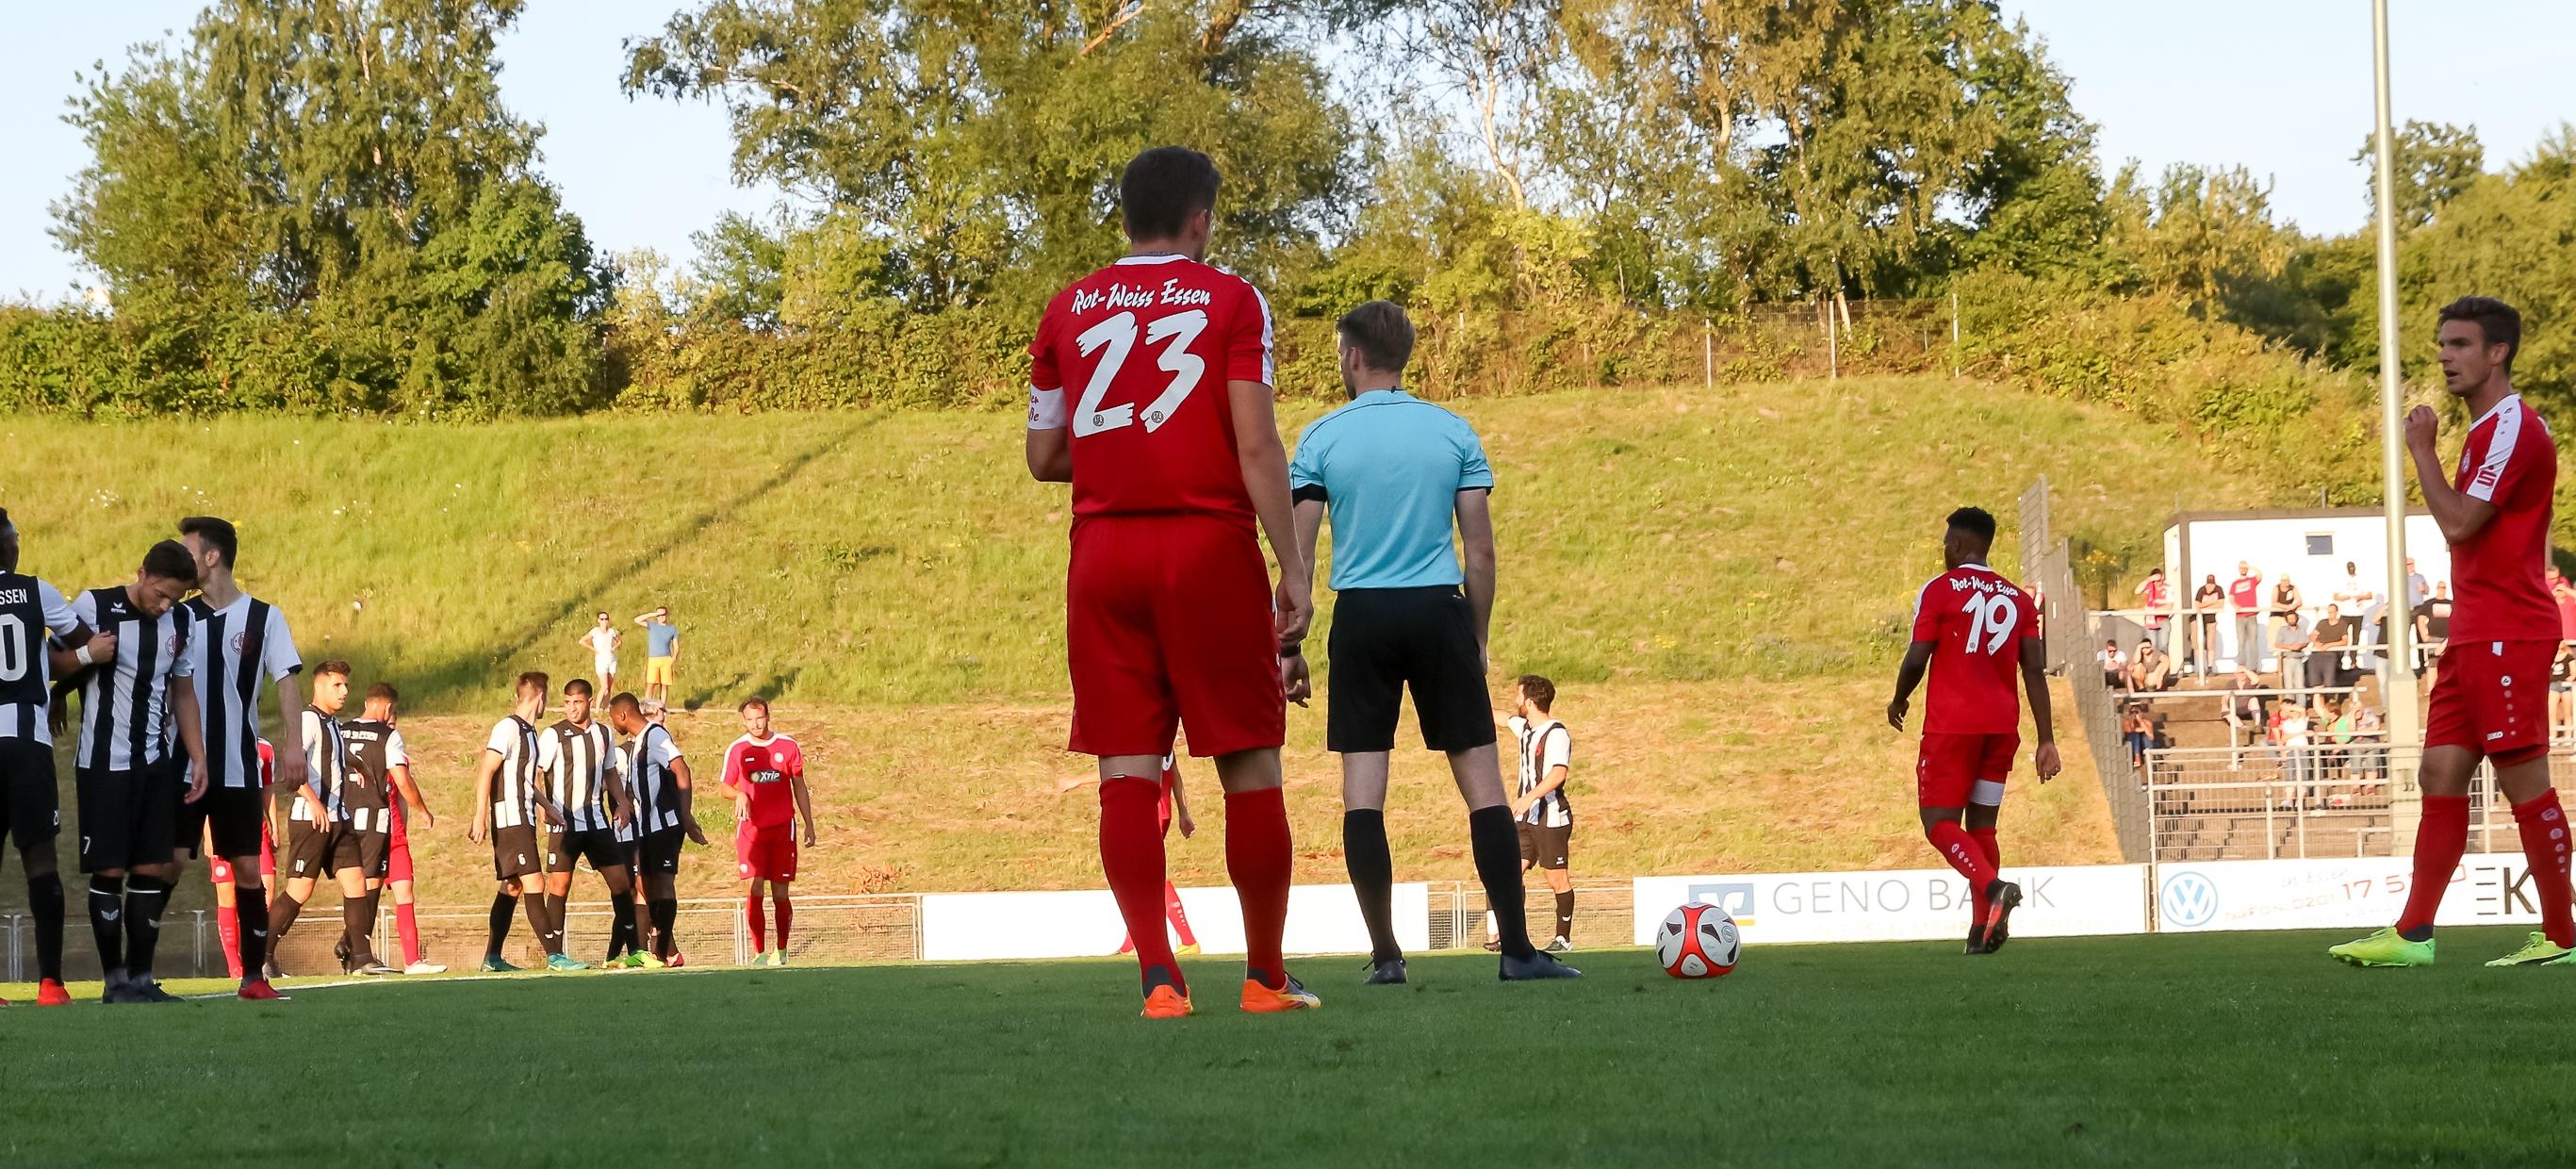 Am morgigen Mittwoch geht es im Niederrheipokal gegen ETB SW Essen.(Foto: Endberg)